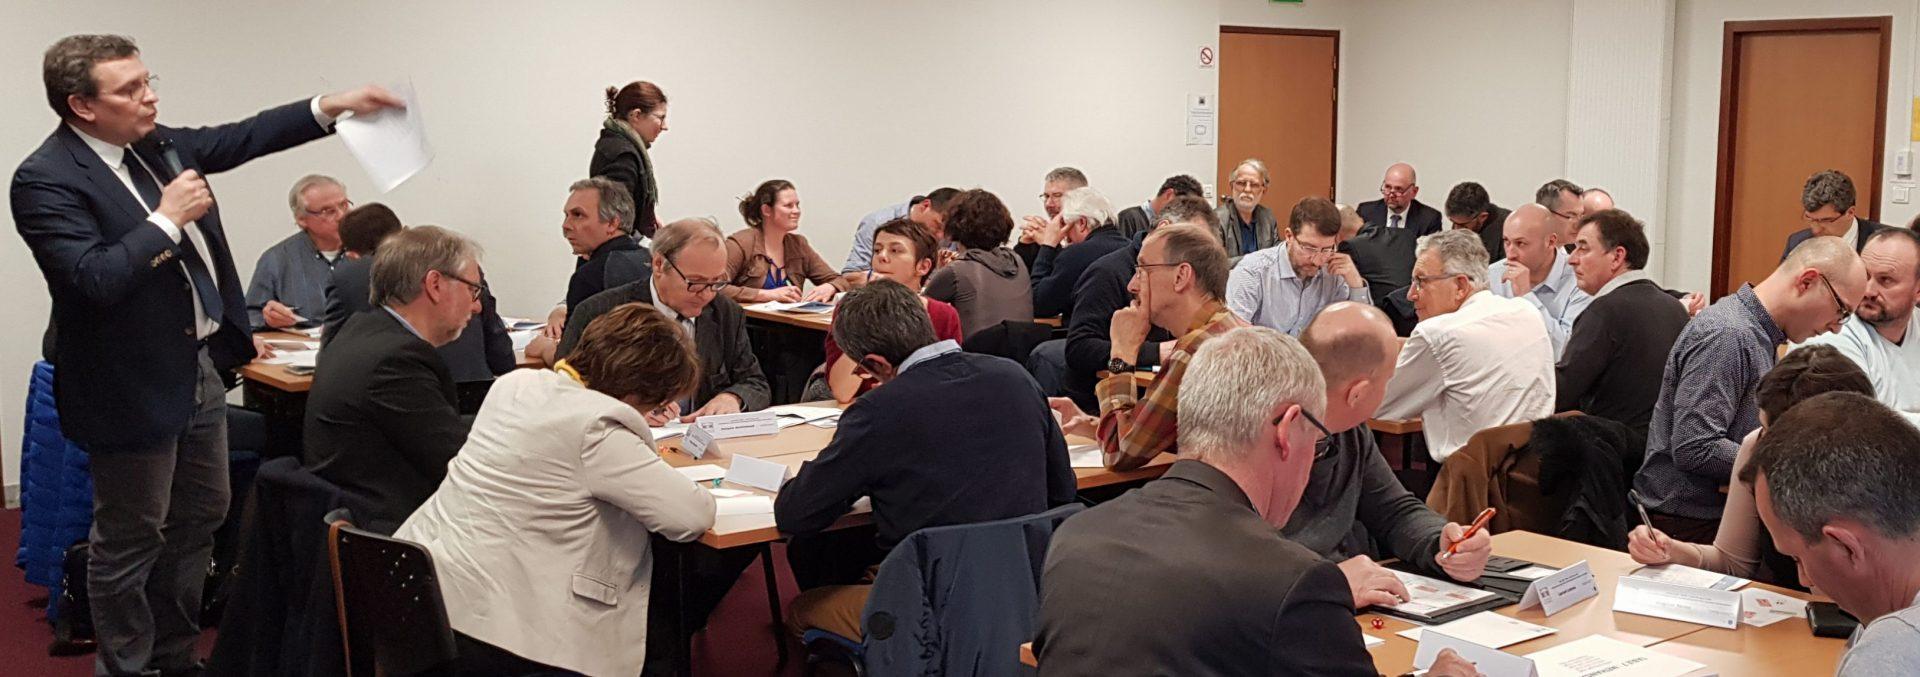 Atelier pour la contribution de l'agriculture au développement des énergies renouvelables